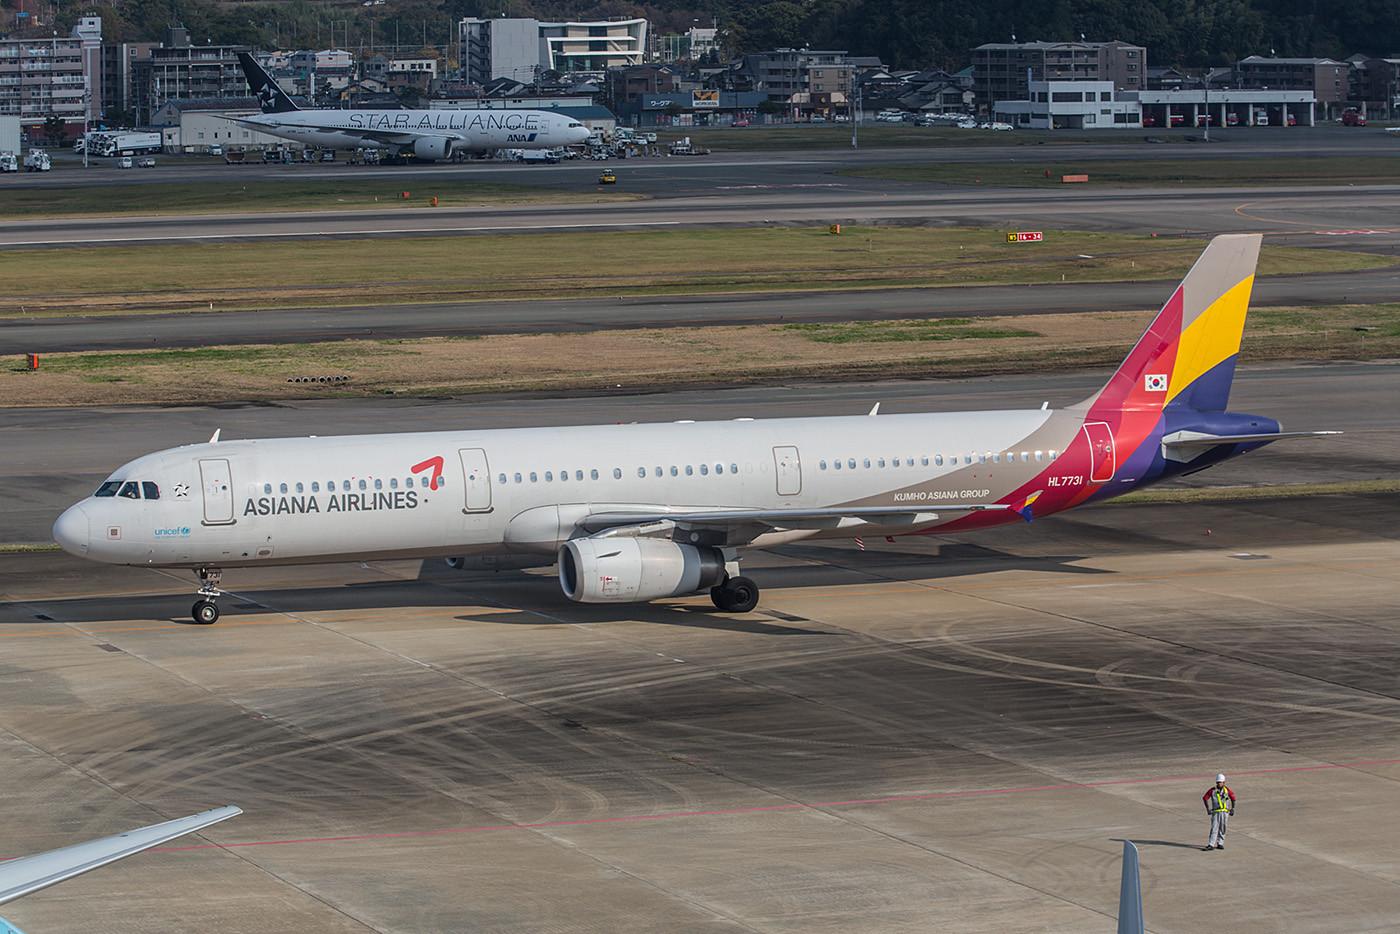 Neben Korean ist die Asiana die zweitgrößte Airline in Südkorea. Im Gegensatz zur staatlichen Konkurenz setzt man dort eher auf Flieger aus dem Hause Airbus.